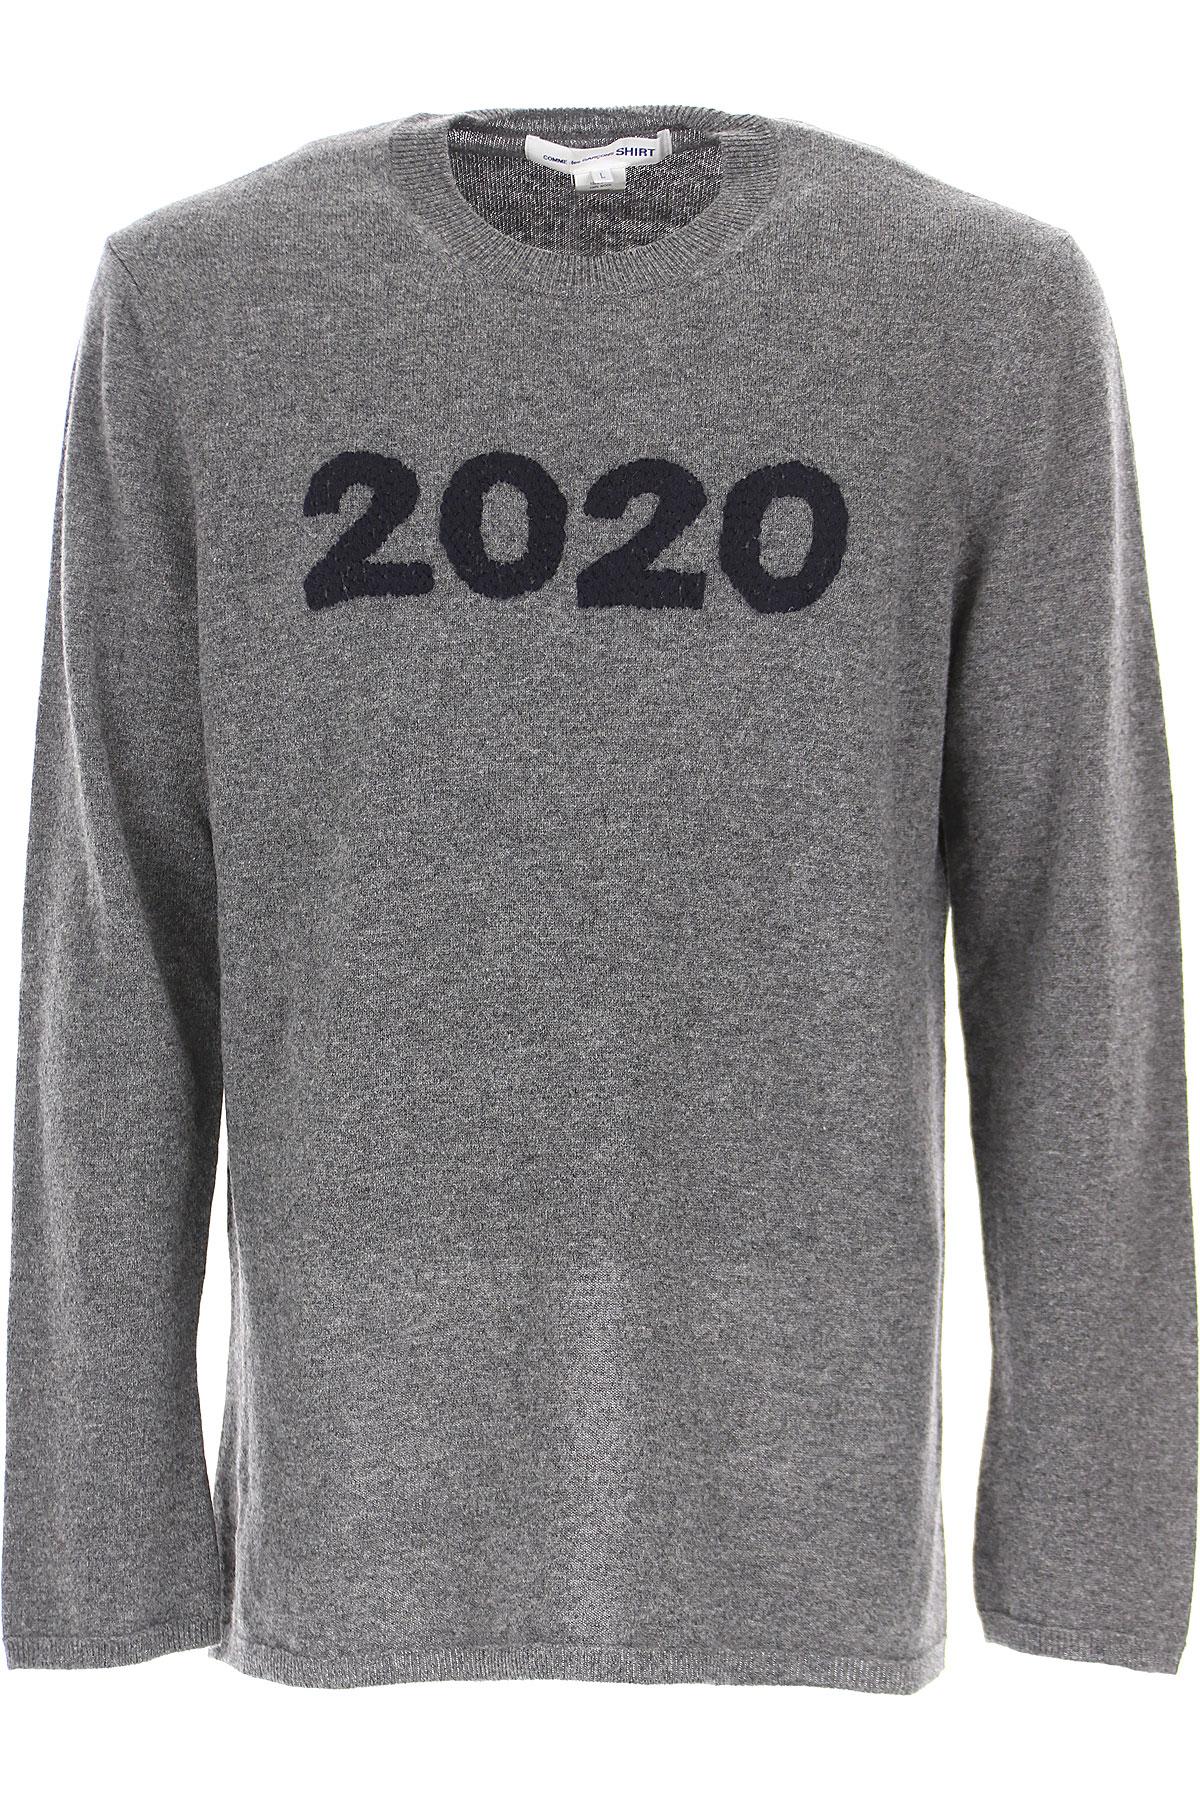 Comme des Garcons Sweater for Men Jumper On Sale, Grey Melange, Wool, 2019, L M S XL